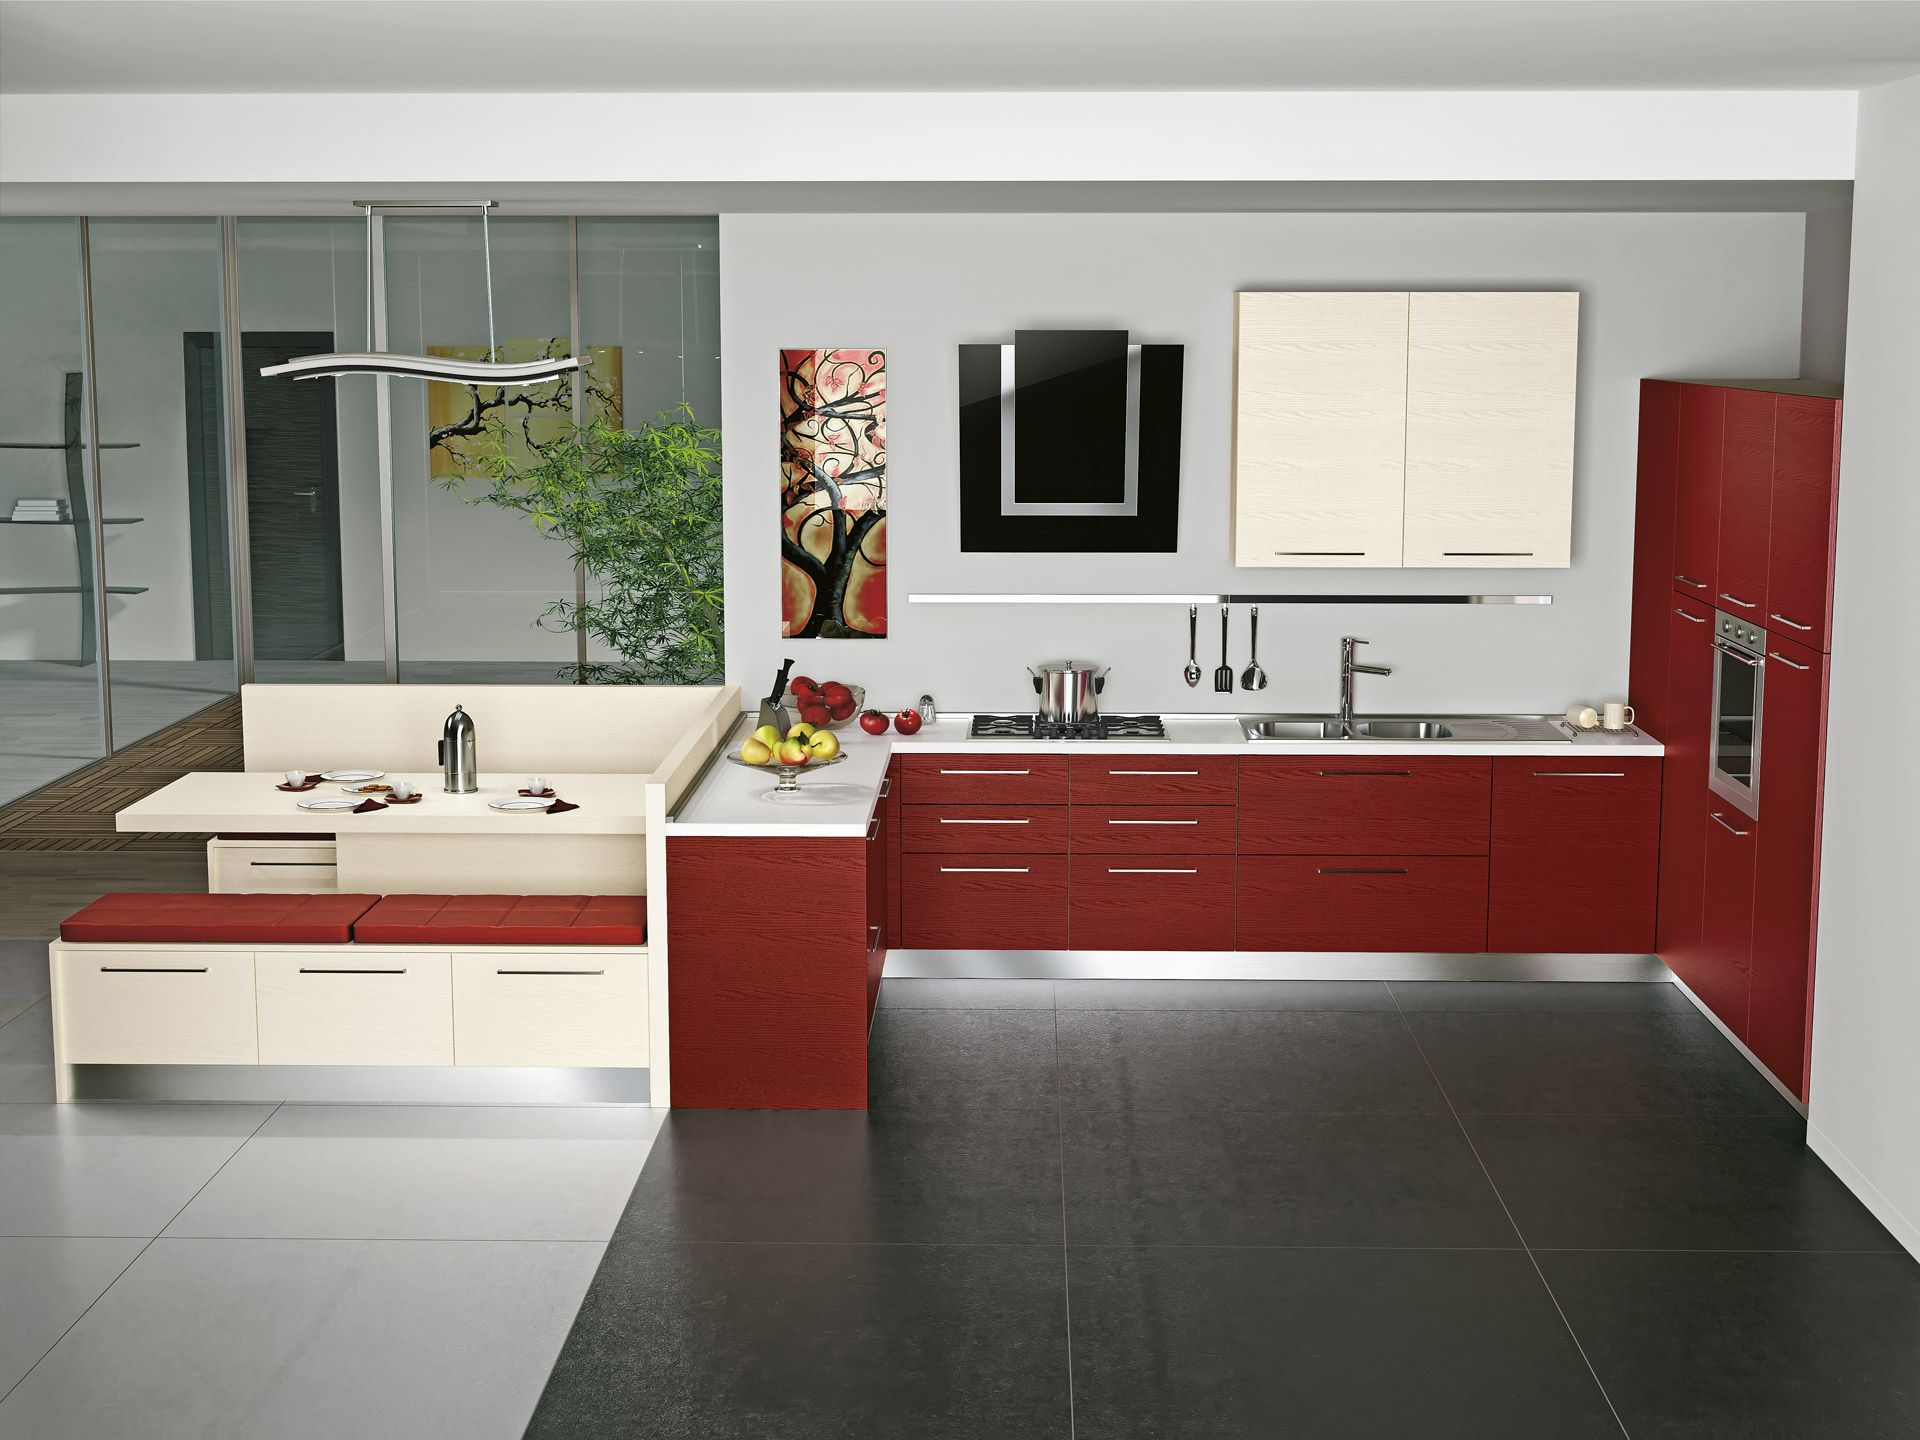 Oltre 1000 idee su panca per cucina su pinterest banquettes panchine per sedere e angoli per - Cucine con panca ...